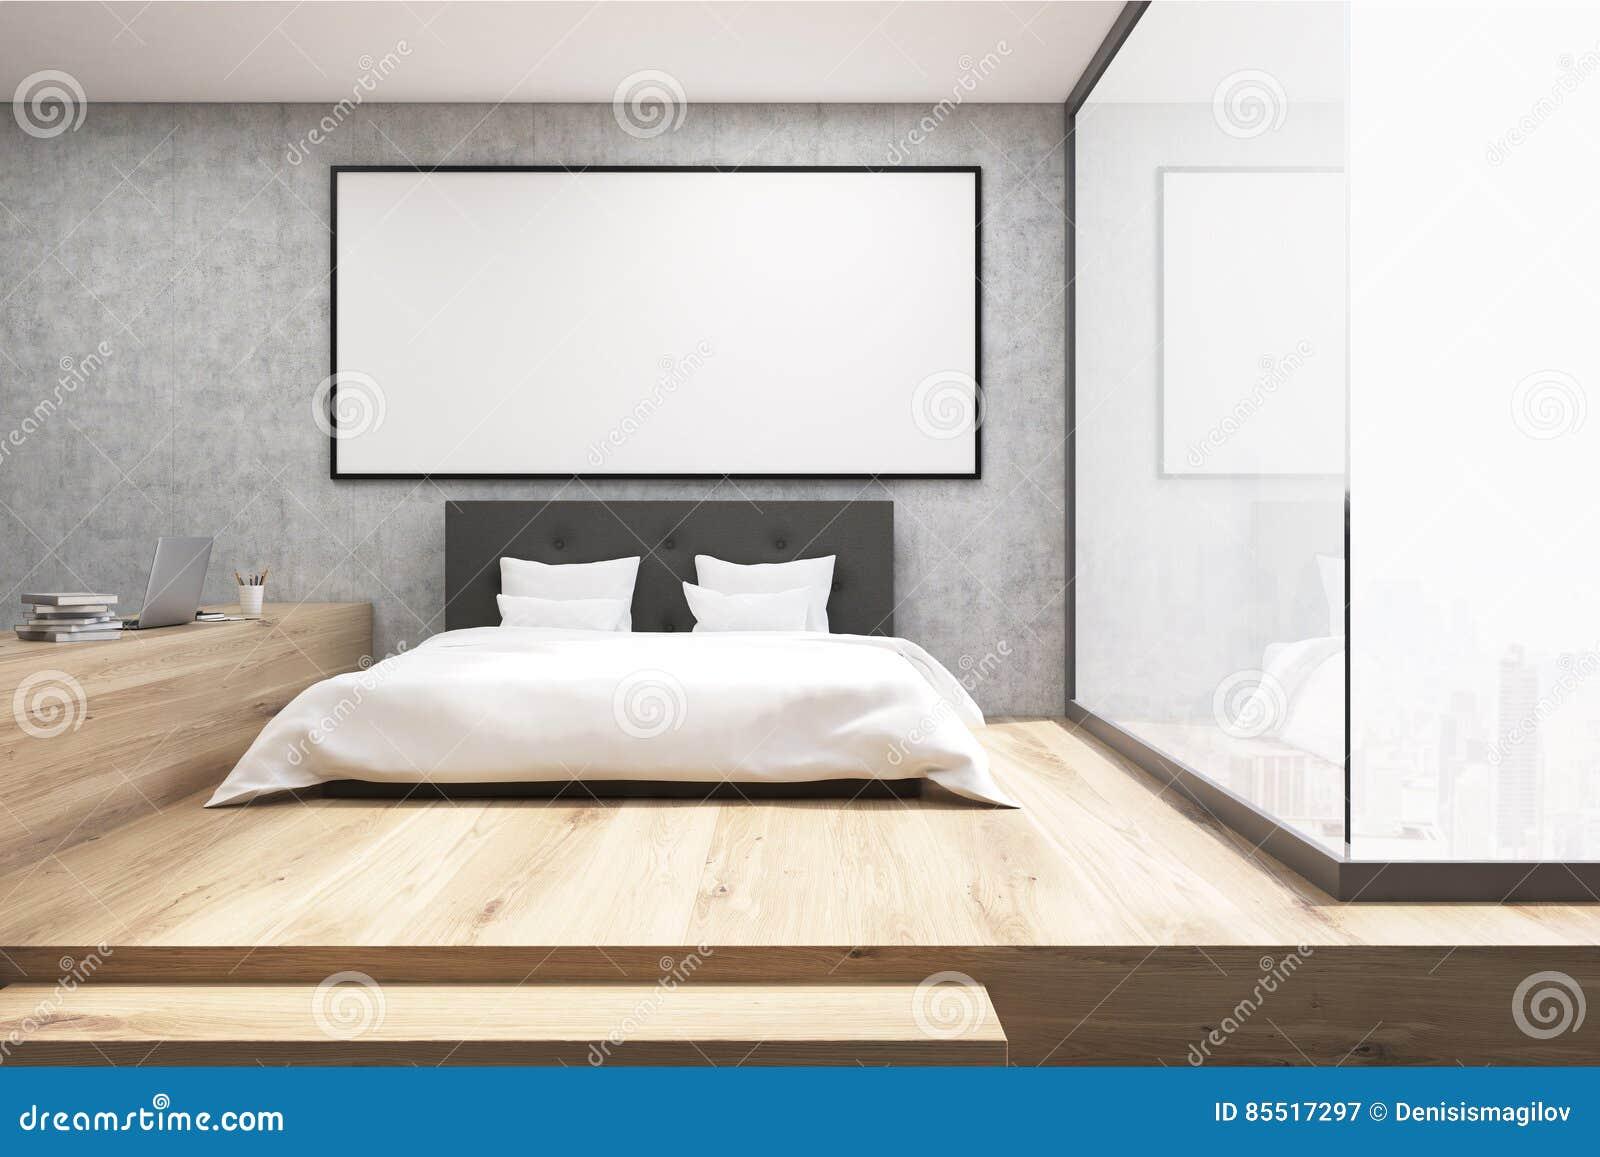 Slaapkamer Houten Vloer : Huisbureau met een houten vloer in een slaapkamer stock afbeelding